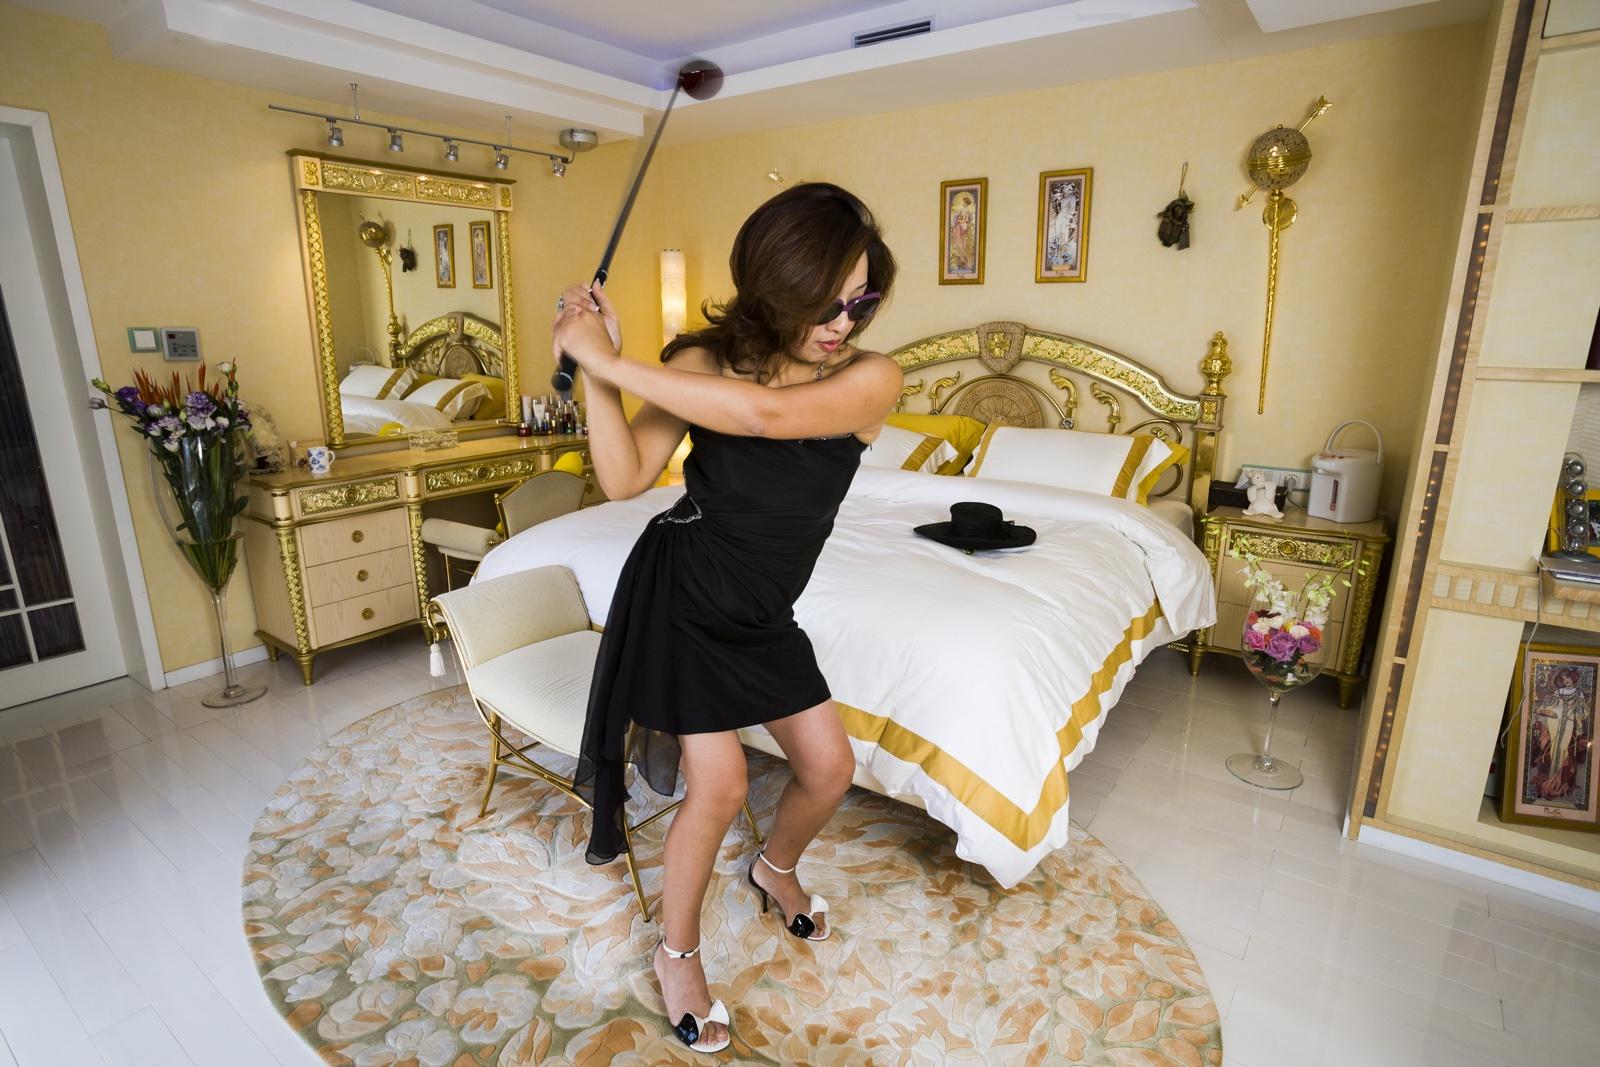 foto: © Lauren Greenfield/Fotomuseum Den Haag - Xue Qiwen (43) in haar appartement in Shanghai dat is ingericht met meubels van haar favoriete merk Versace, 2005